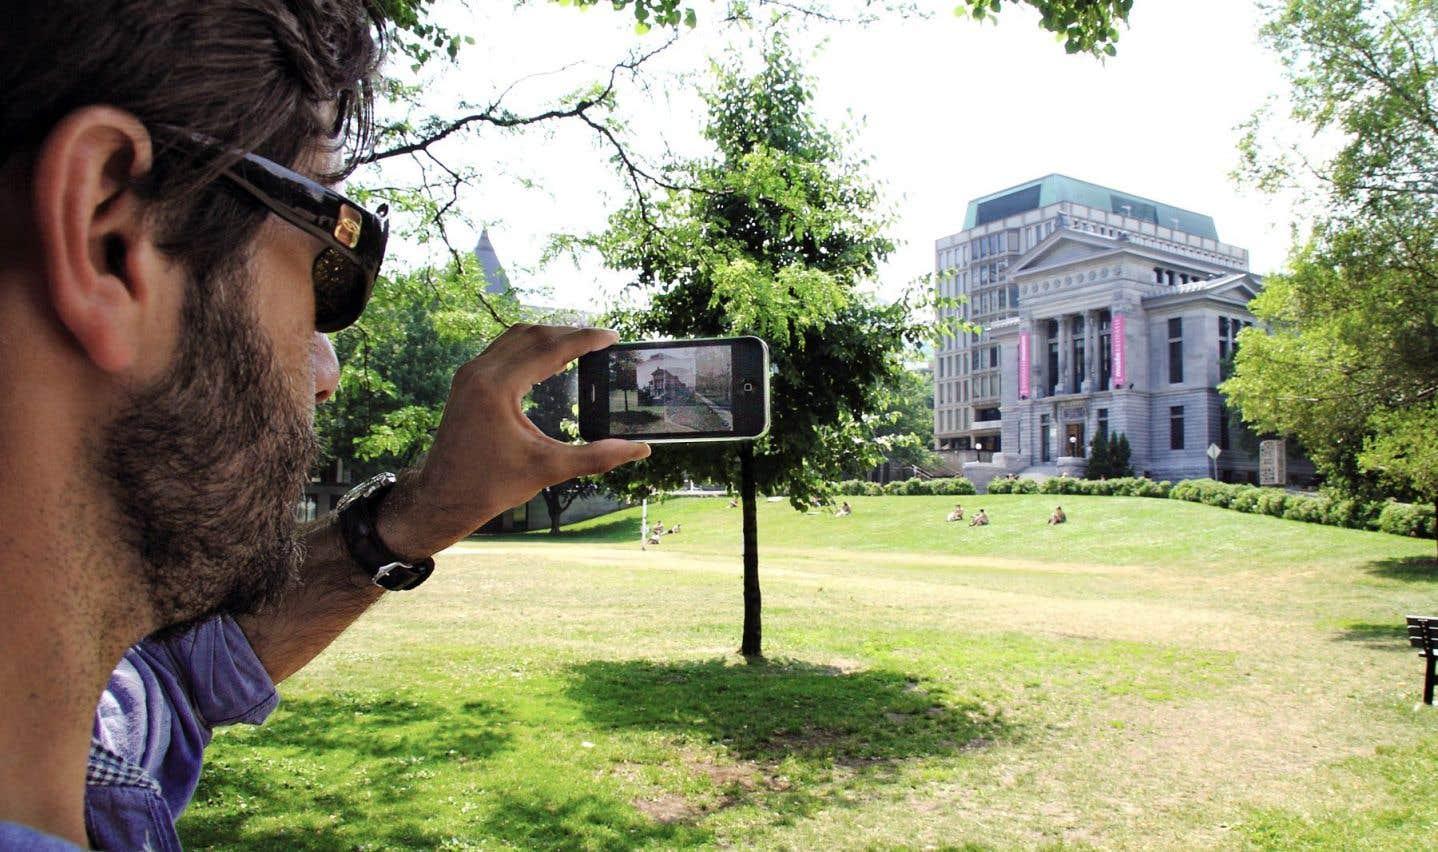 L'enrichissement de l'offre numérique des institutions muséales québécoises fera aussi partie des questions sur lesquelles se penchera la SMQ.